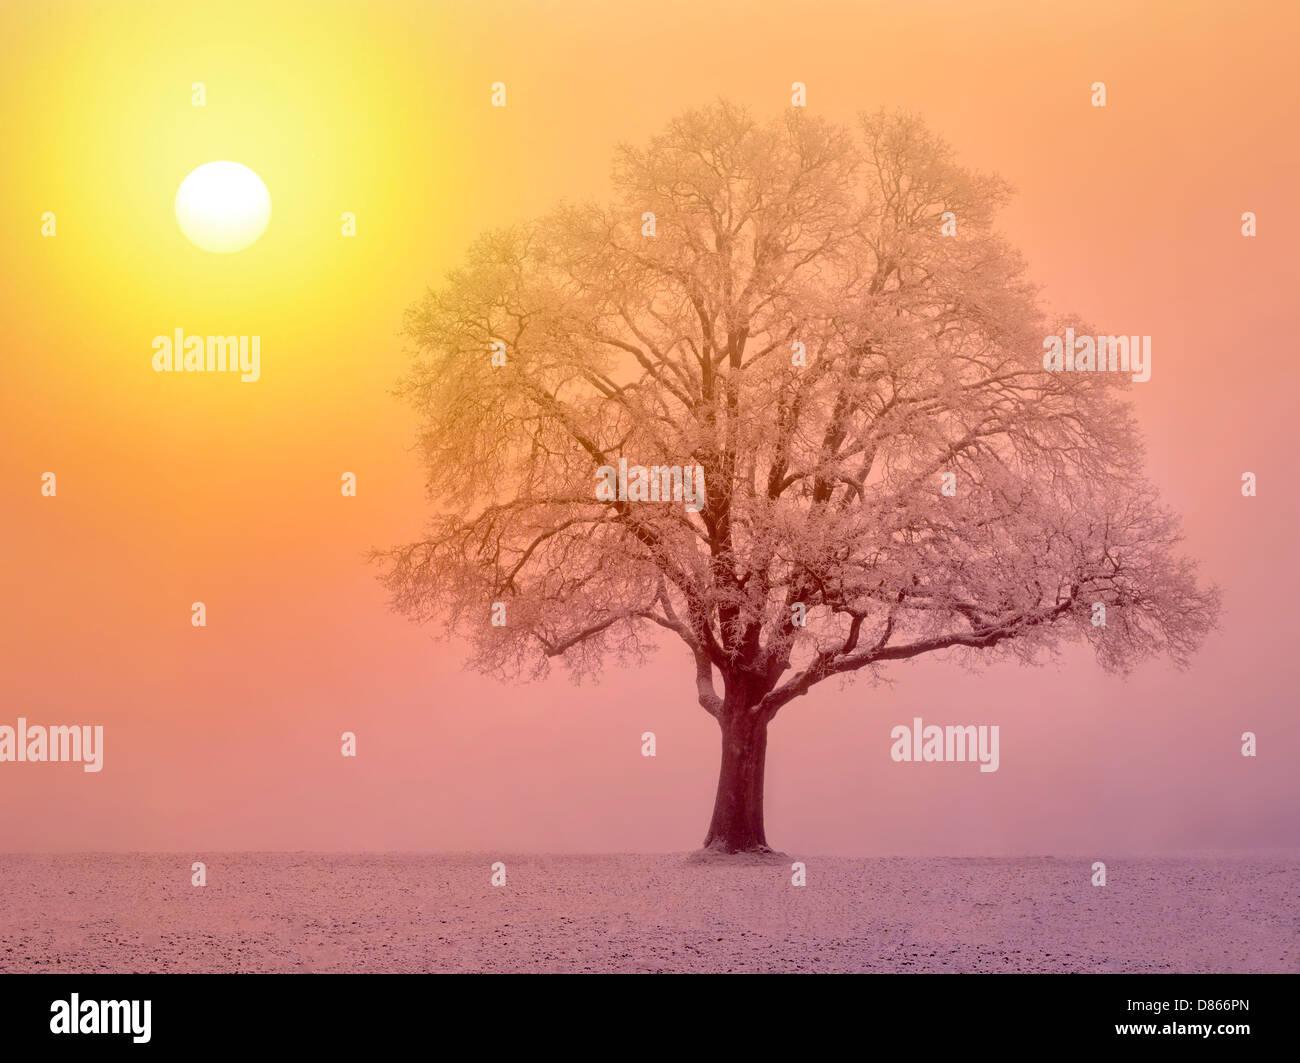 Lone oak tree in field. Wilsonville, Oregon - Stock Image